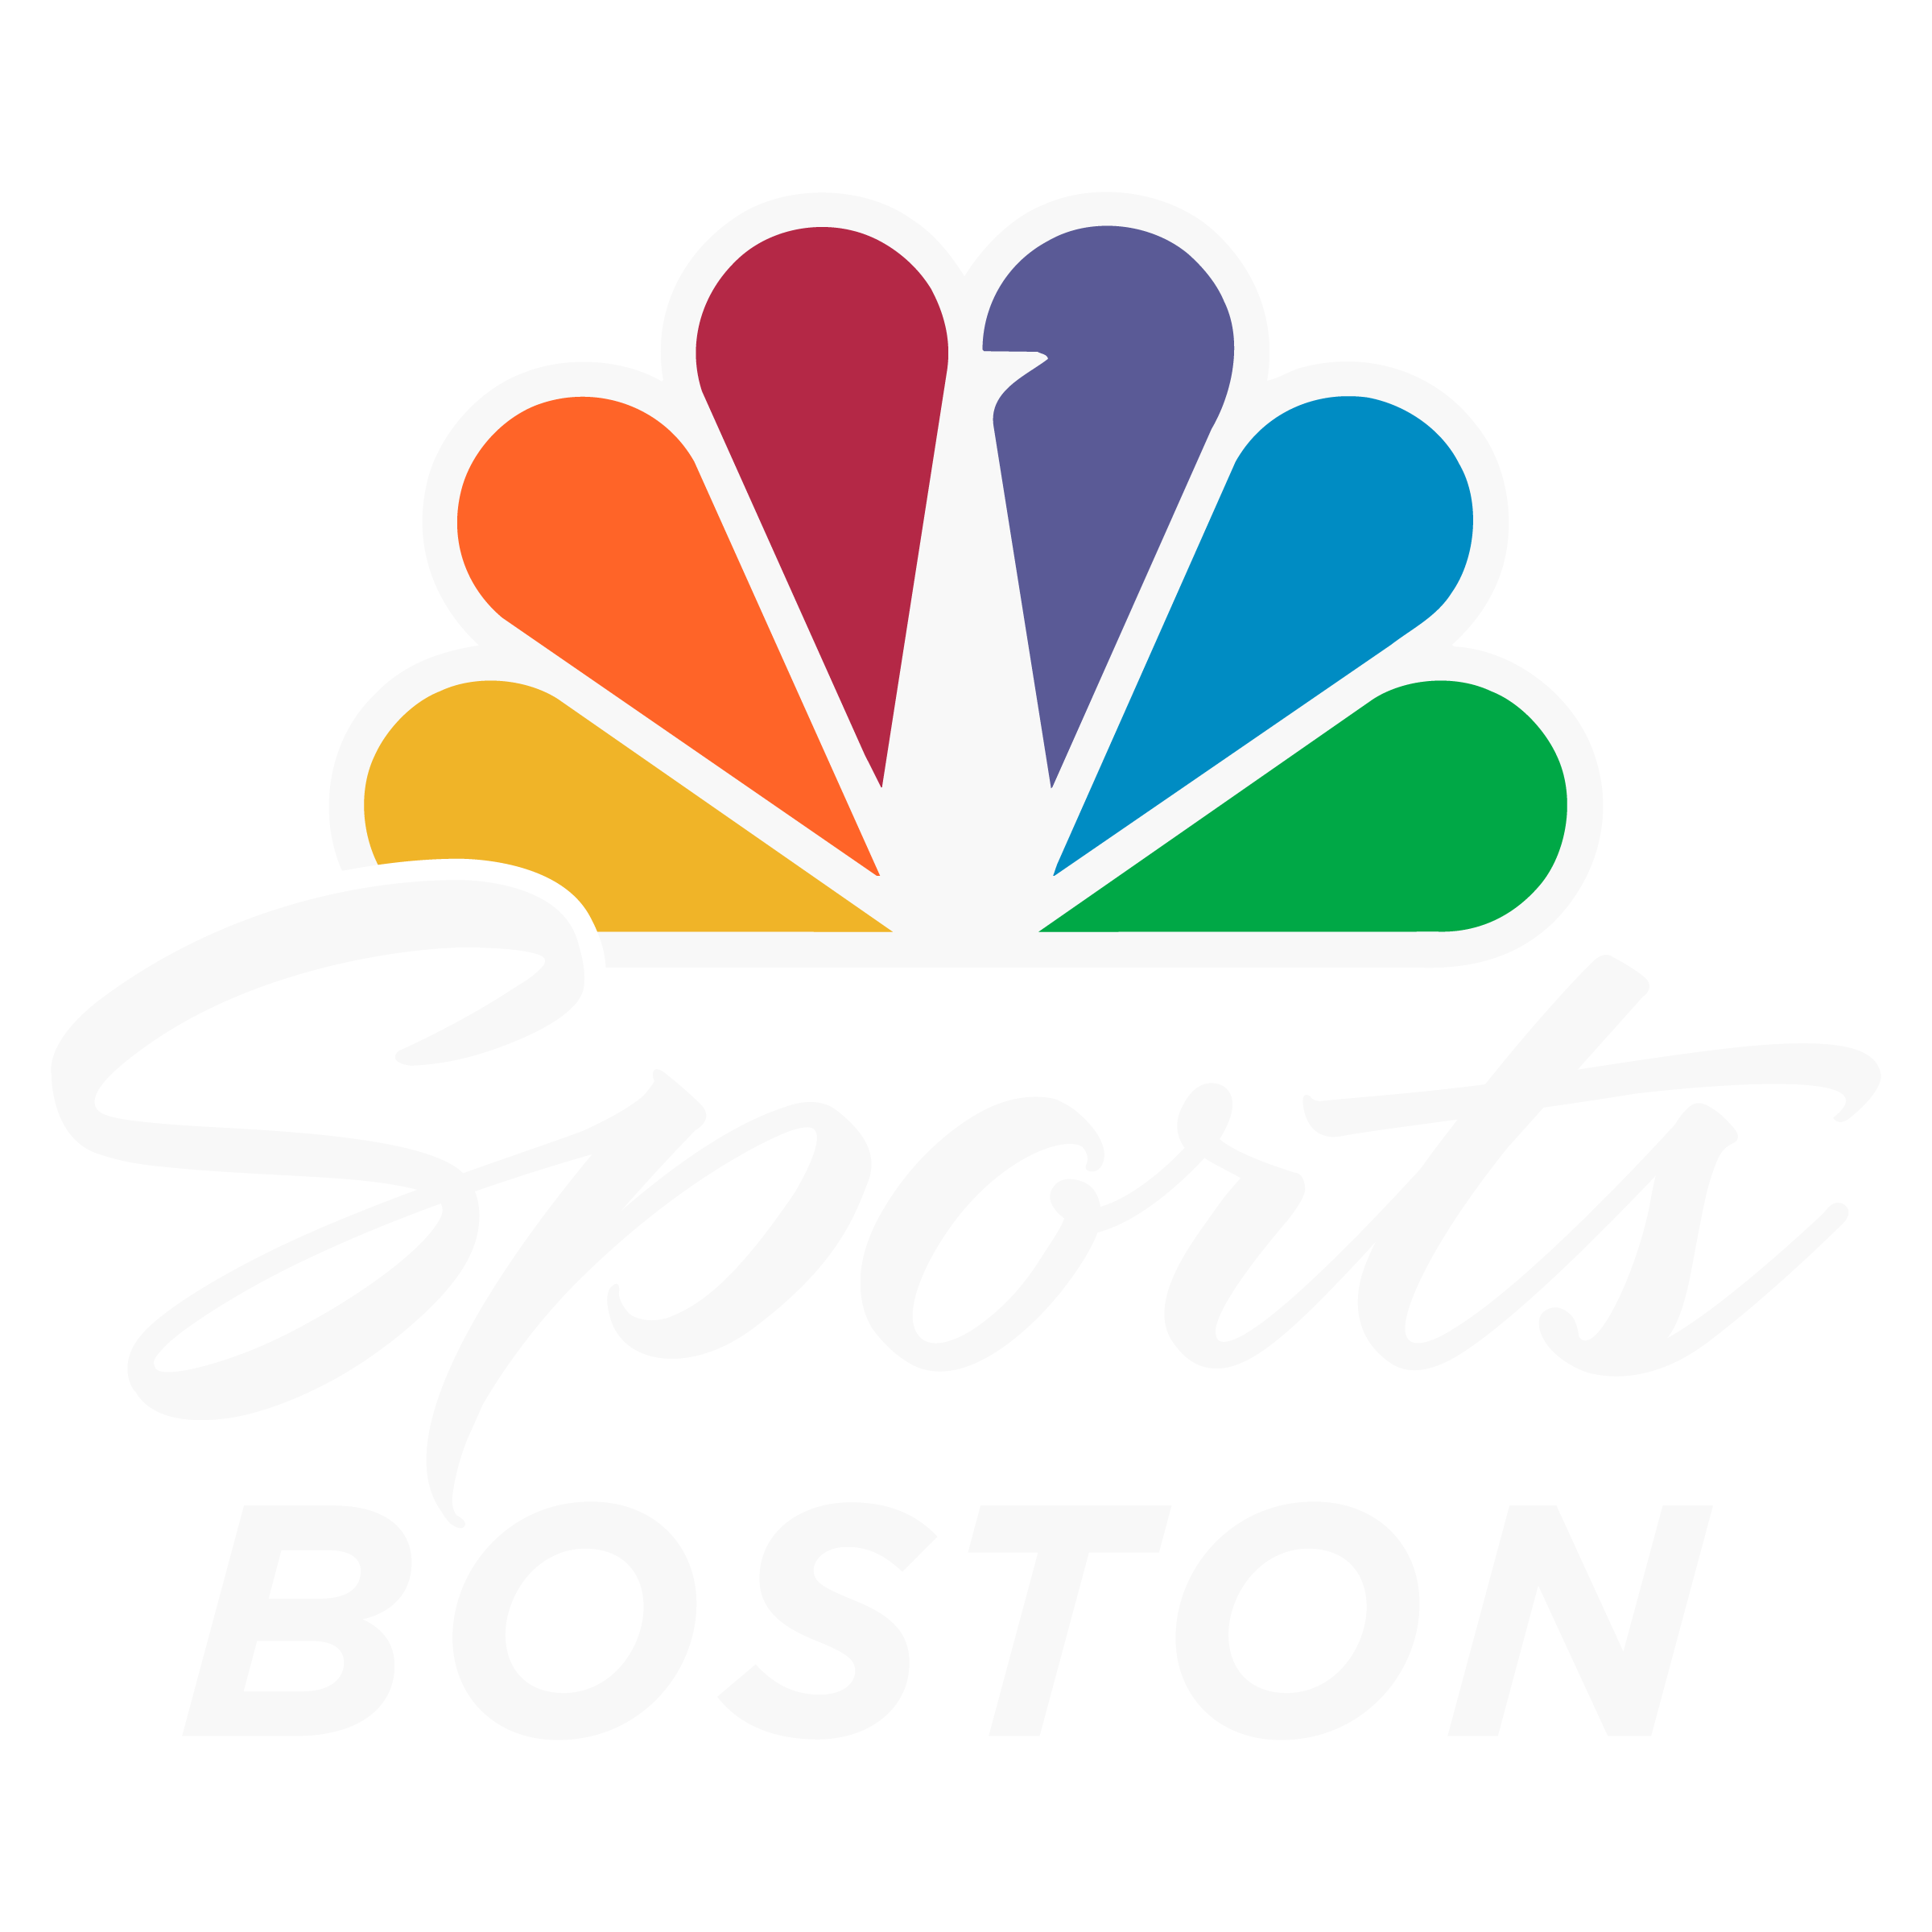 nbc sports boston - tv listings guide